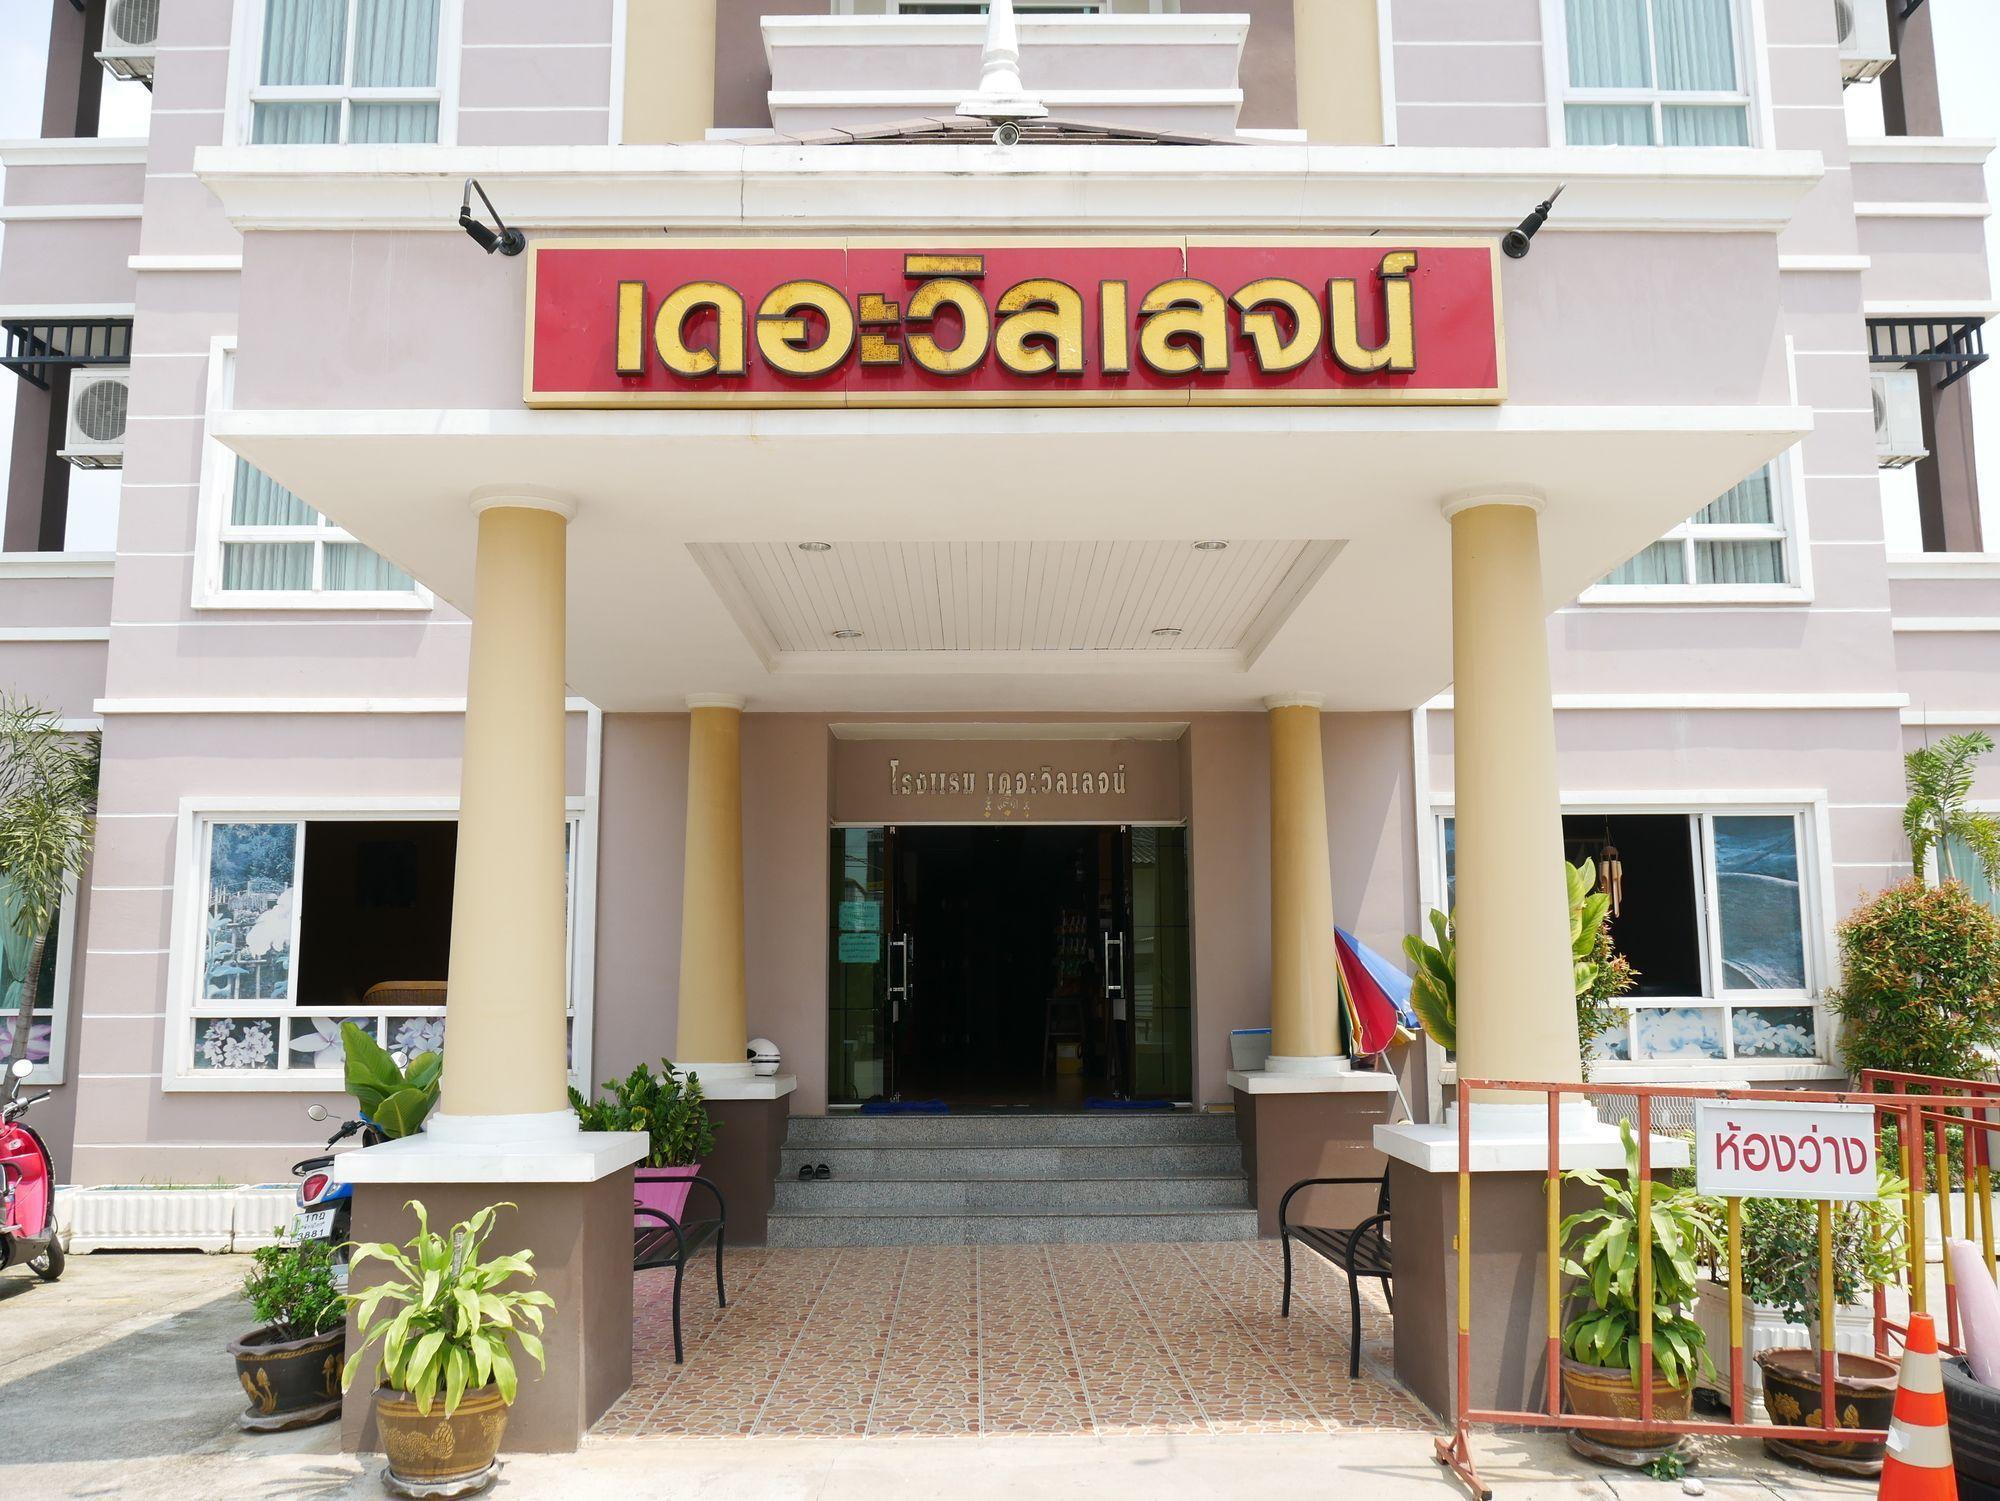 彭世洛鄉村飯店